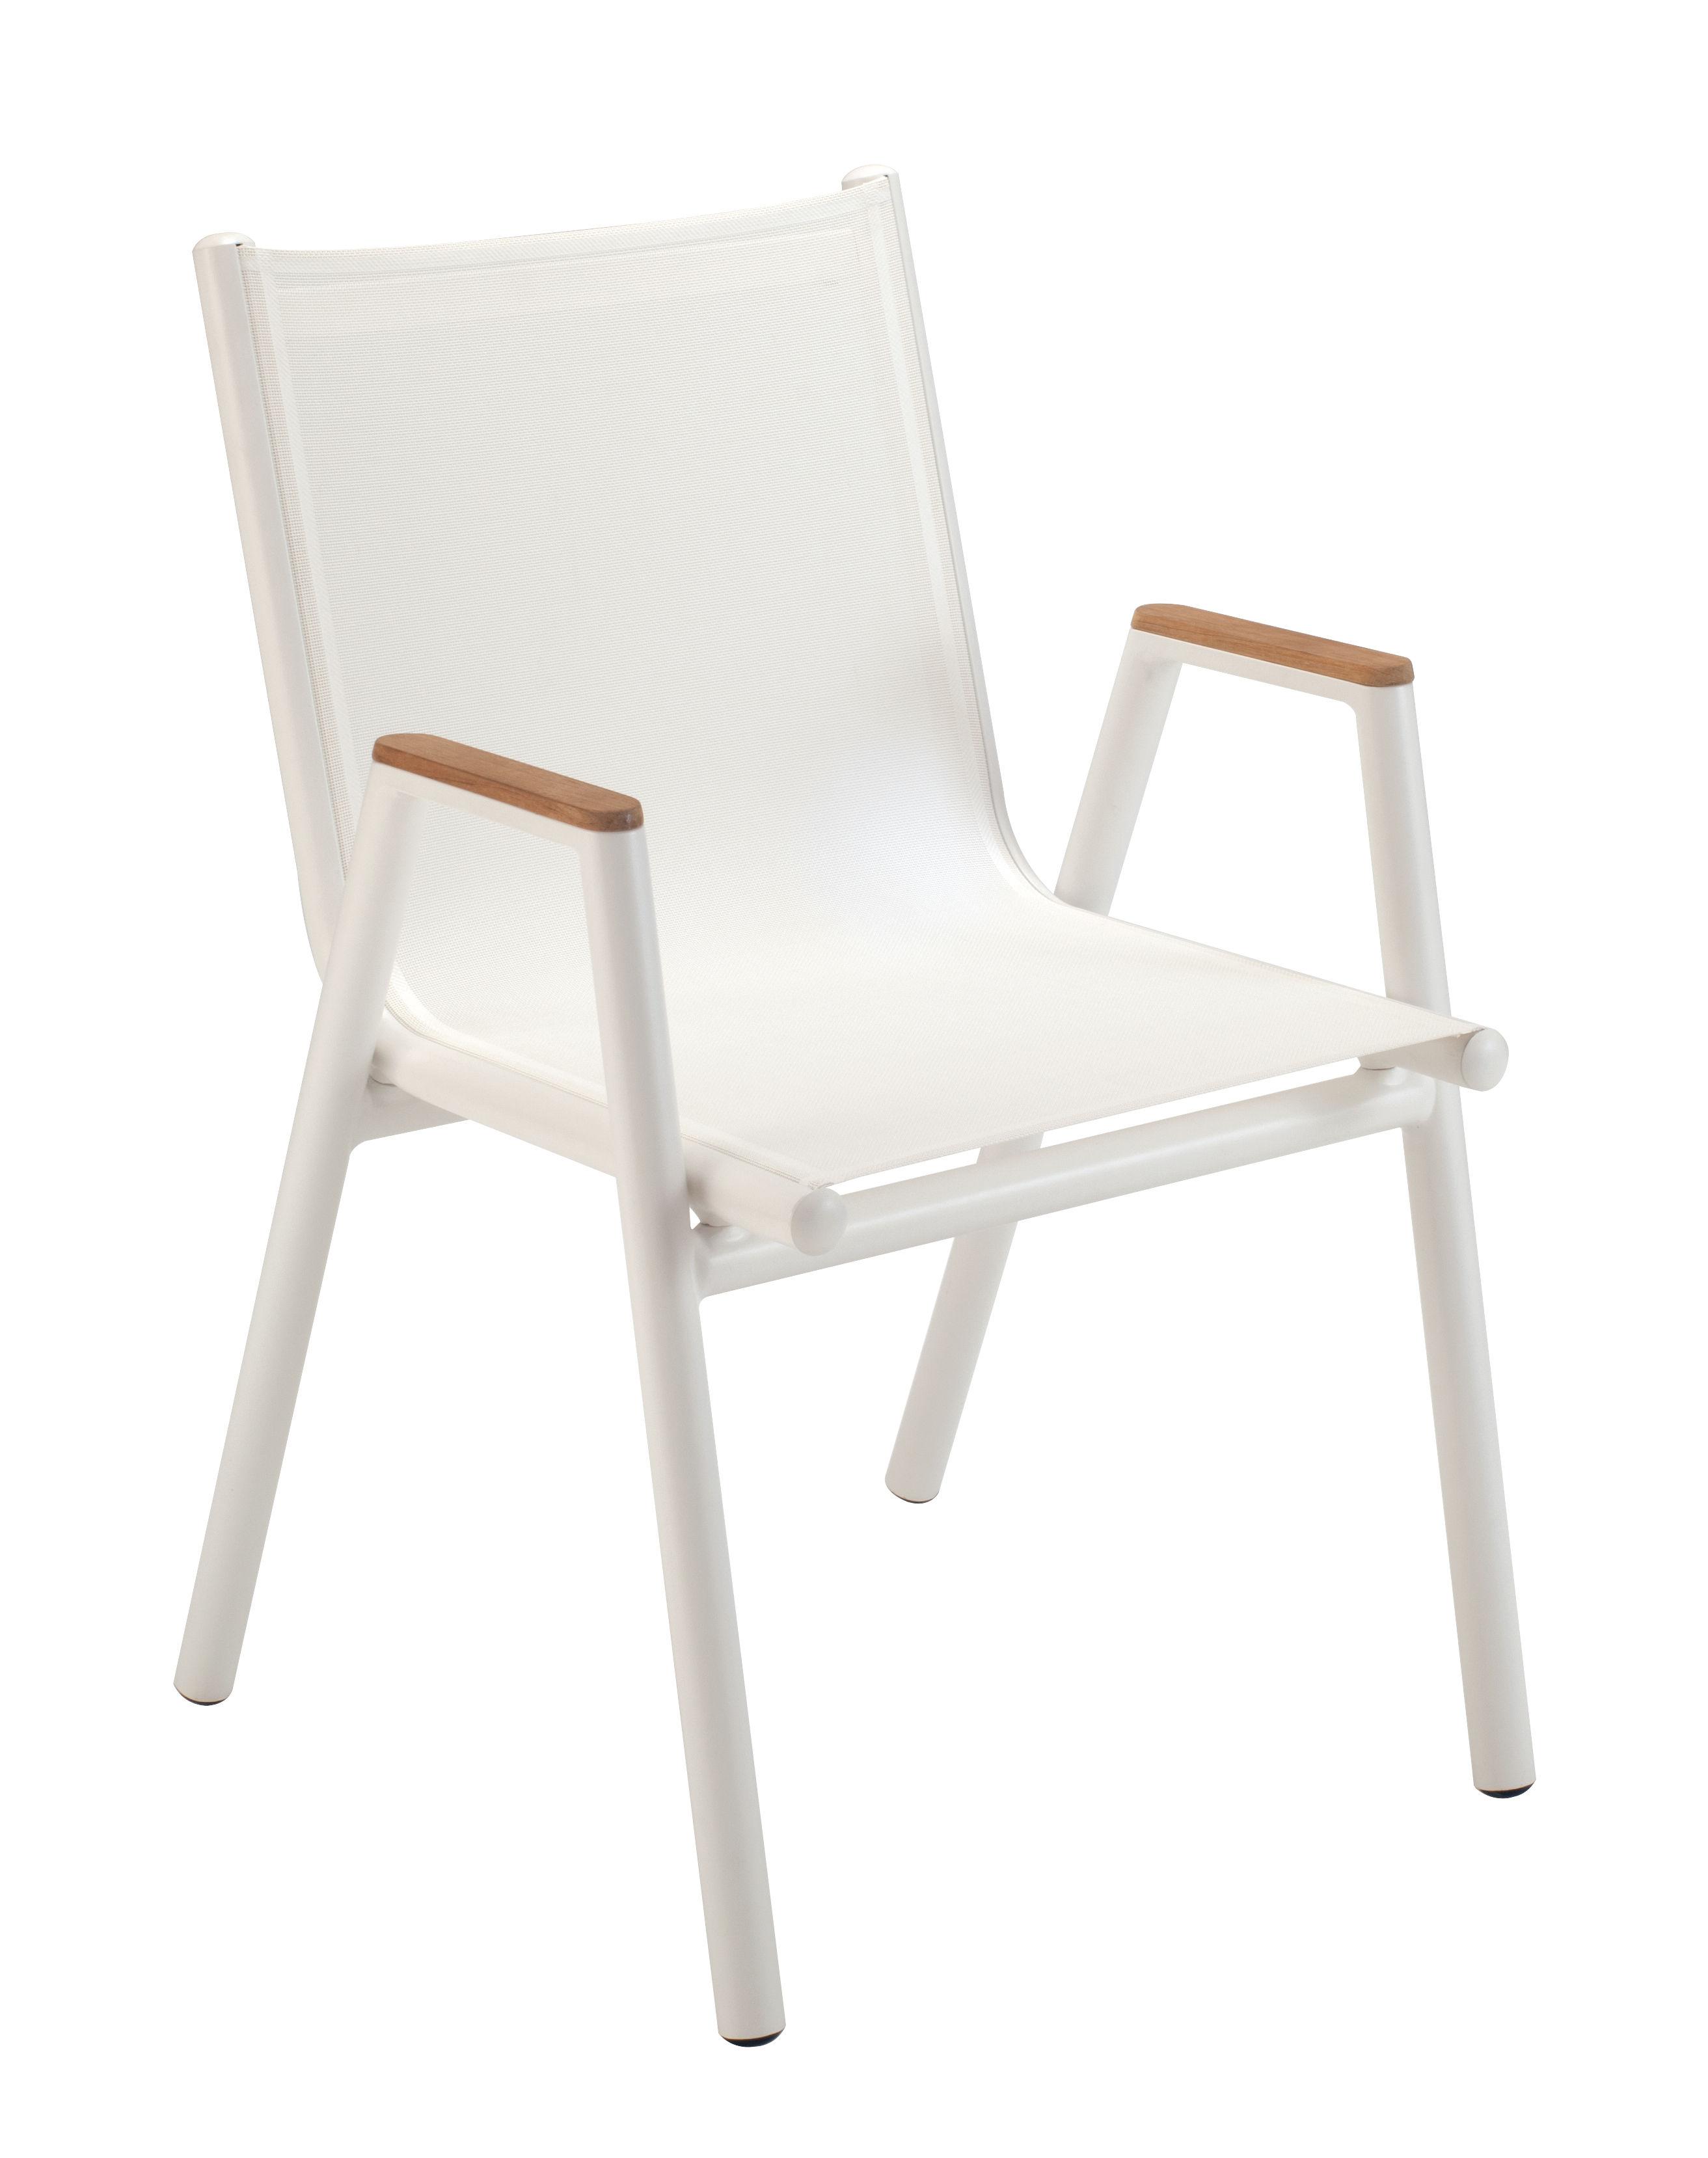 Mobilier - Chaises, fauteuils de salle à manger - Fauteuil empilable Pilotis / Toile - Vlaemynck - Blanc / Accoudoirs teck - Aluminium laqué, Teck huilé, Toile Batyline